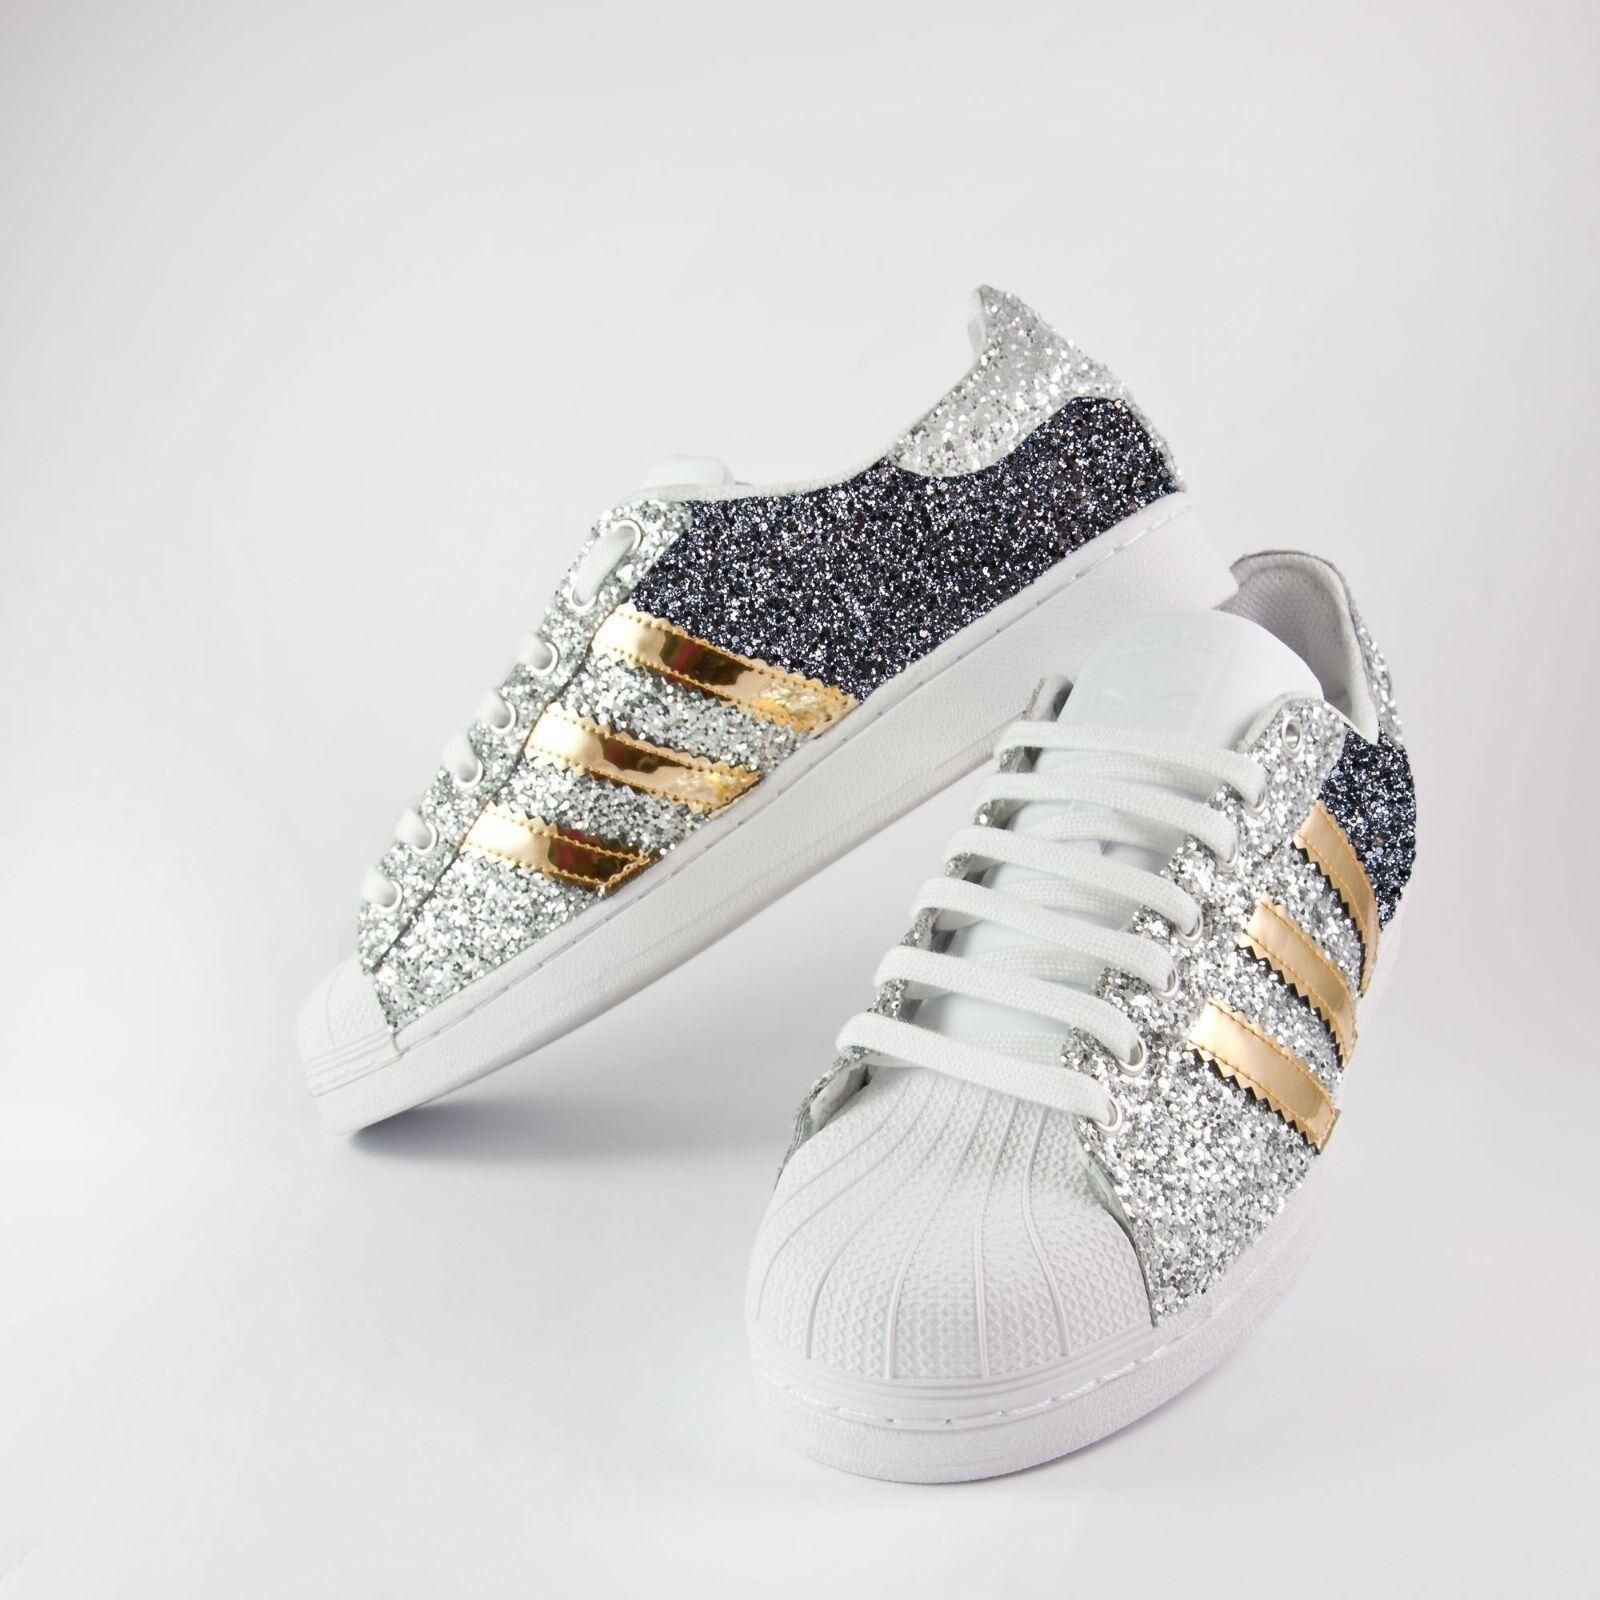 scarpe adidas superstar con glitter argento e grigio piu' specch-iato oro